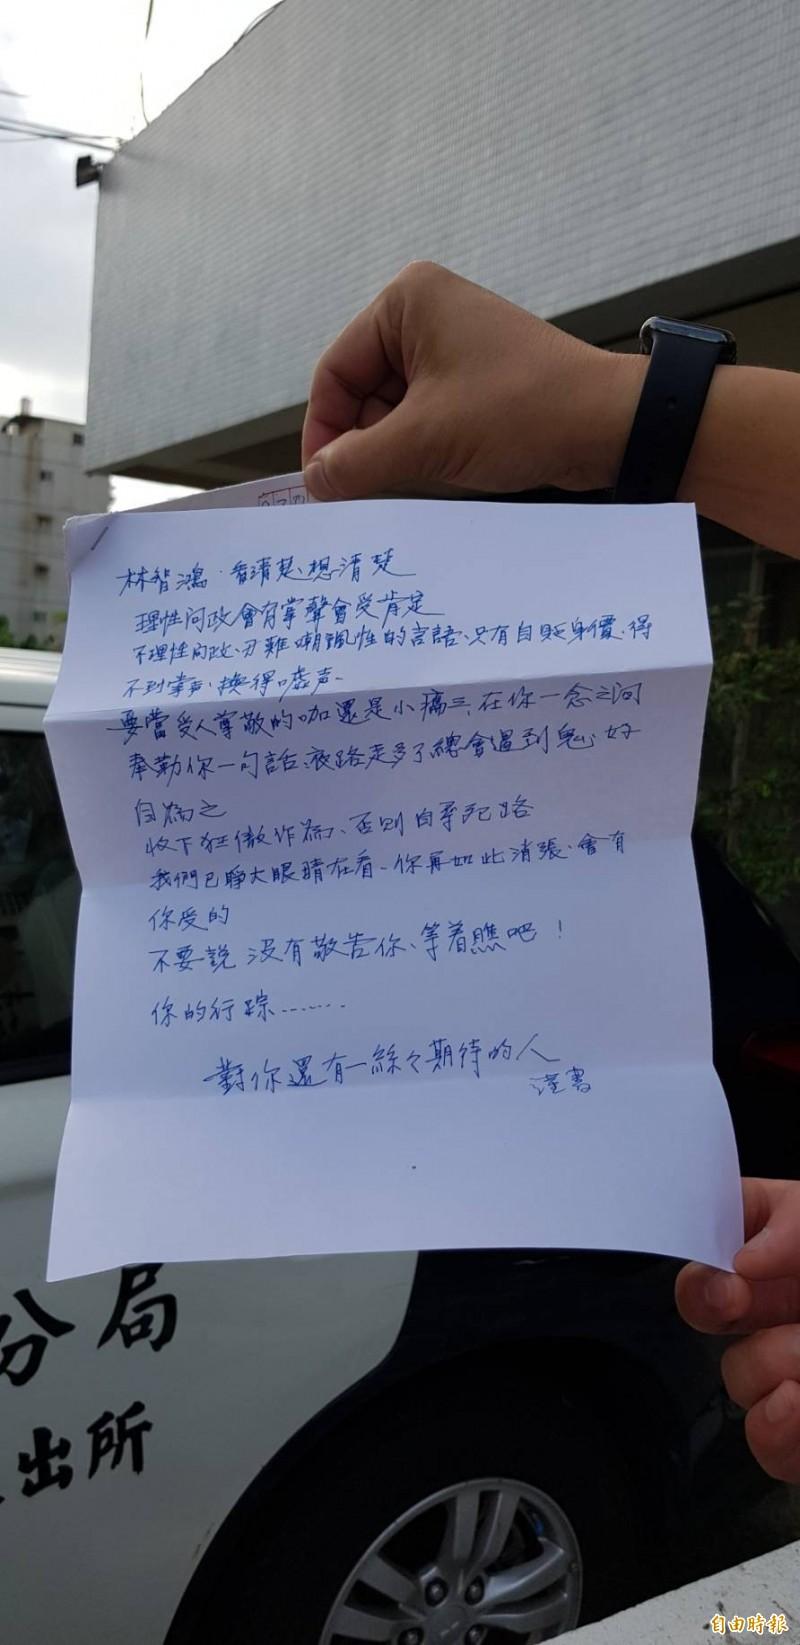 林智鴻今再收恐嚇信,上警局一併提告。 (記者陳文嬋攝)